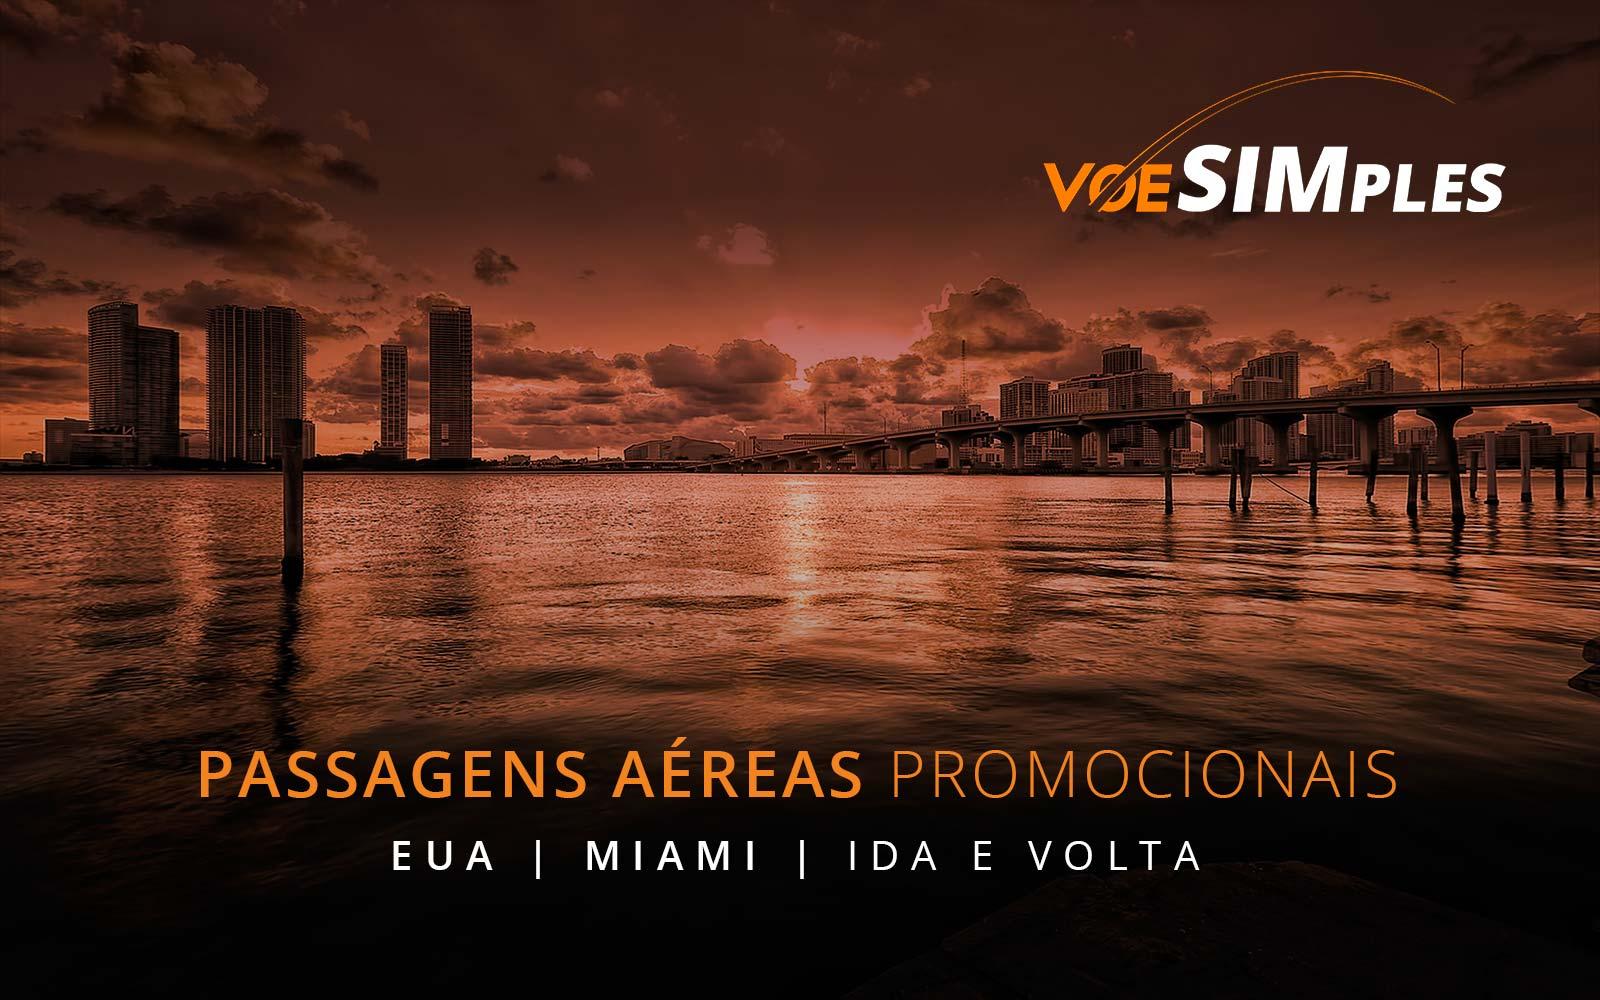 Passagens aéreas promocionais para Miami, Nova York, Orlando e Las Vegas nos Estados Unidos